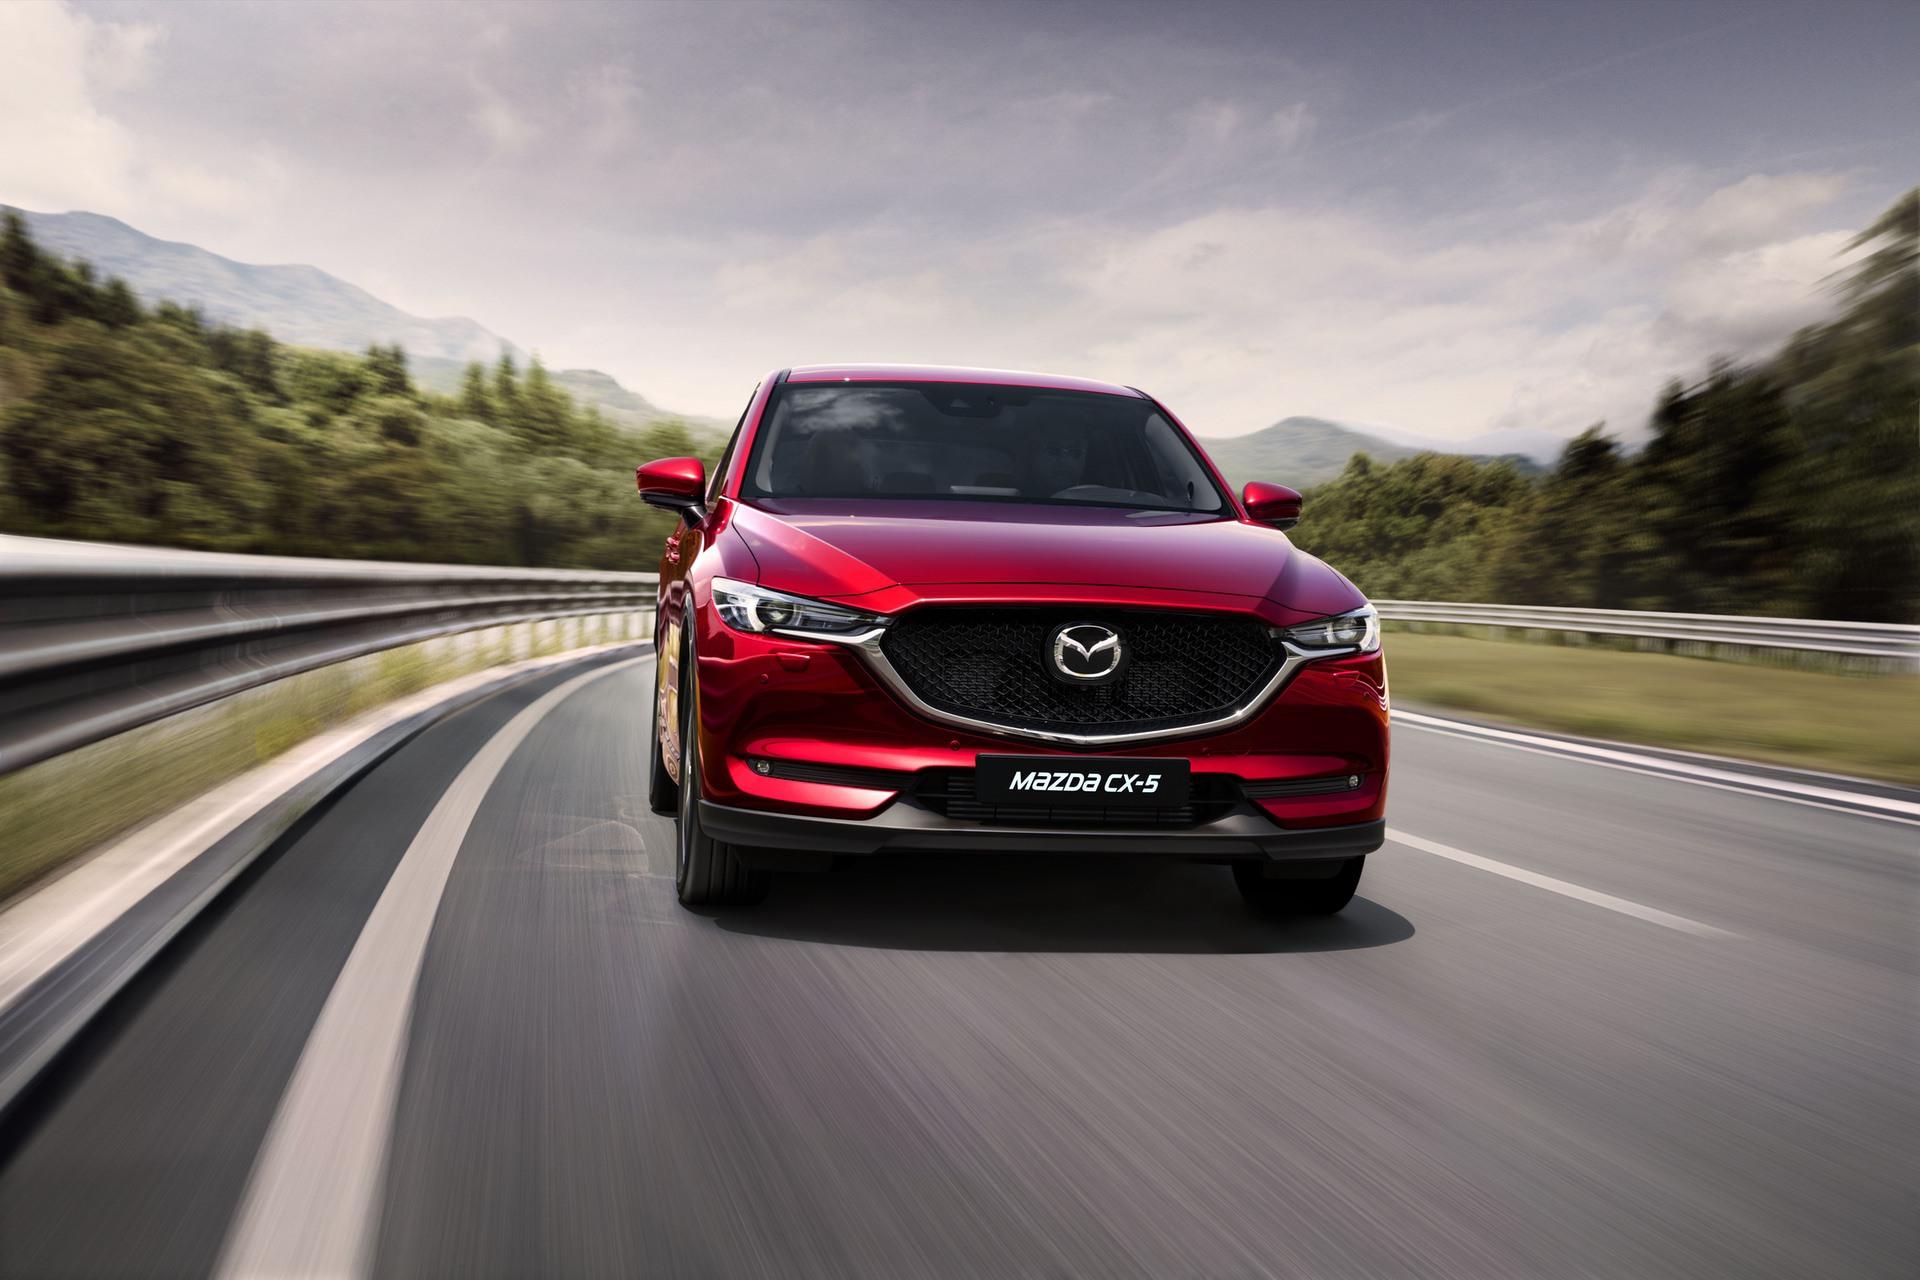 01-2019-Mazda-CX-5-EU-specification